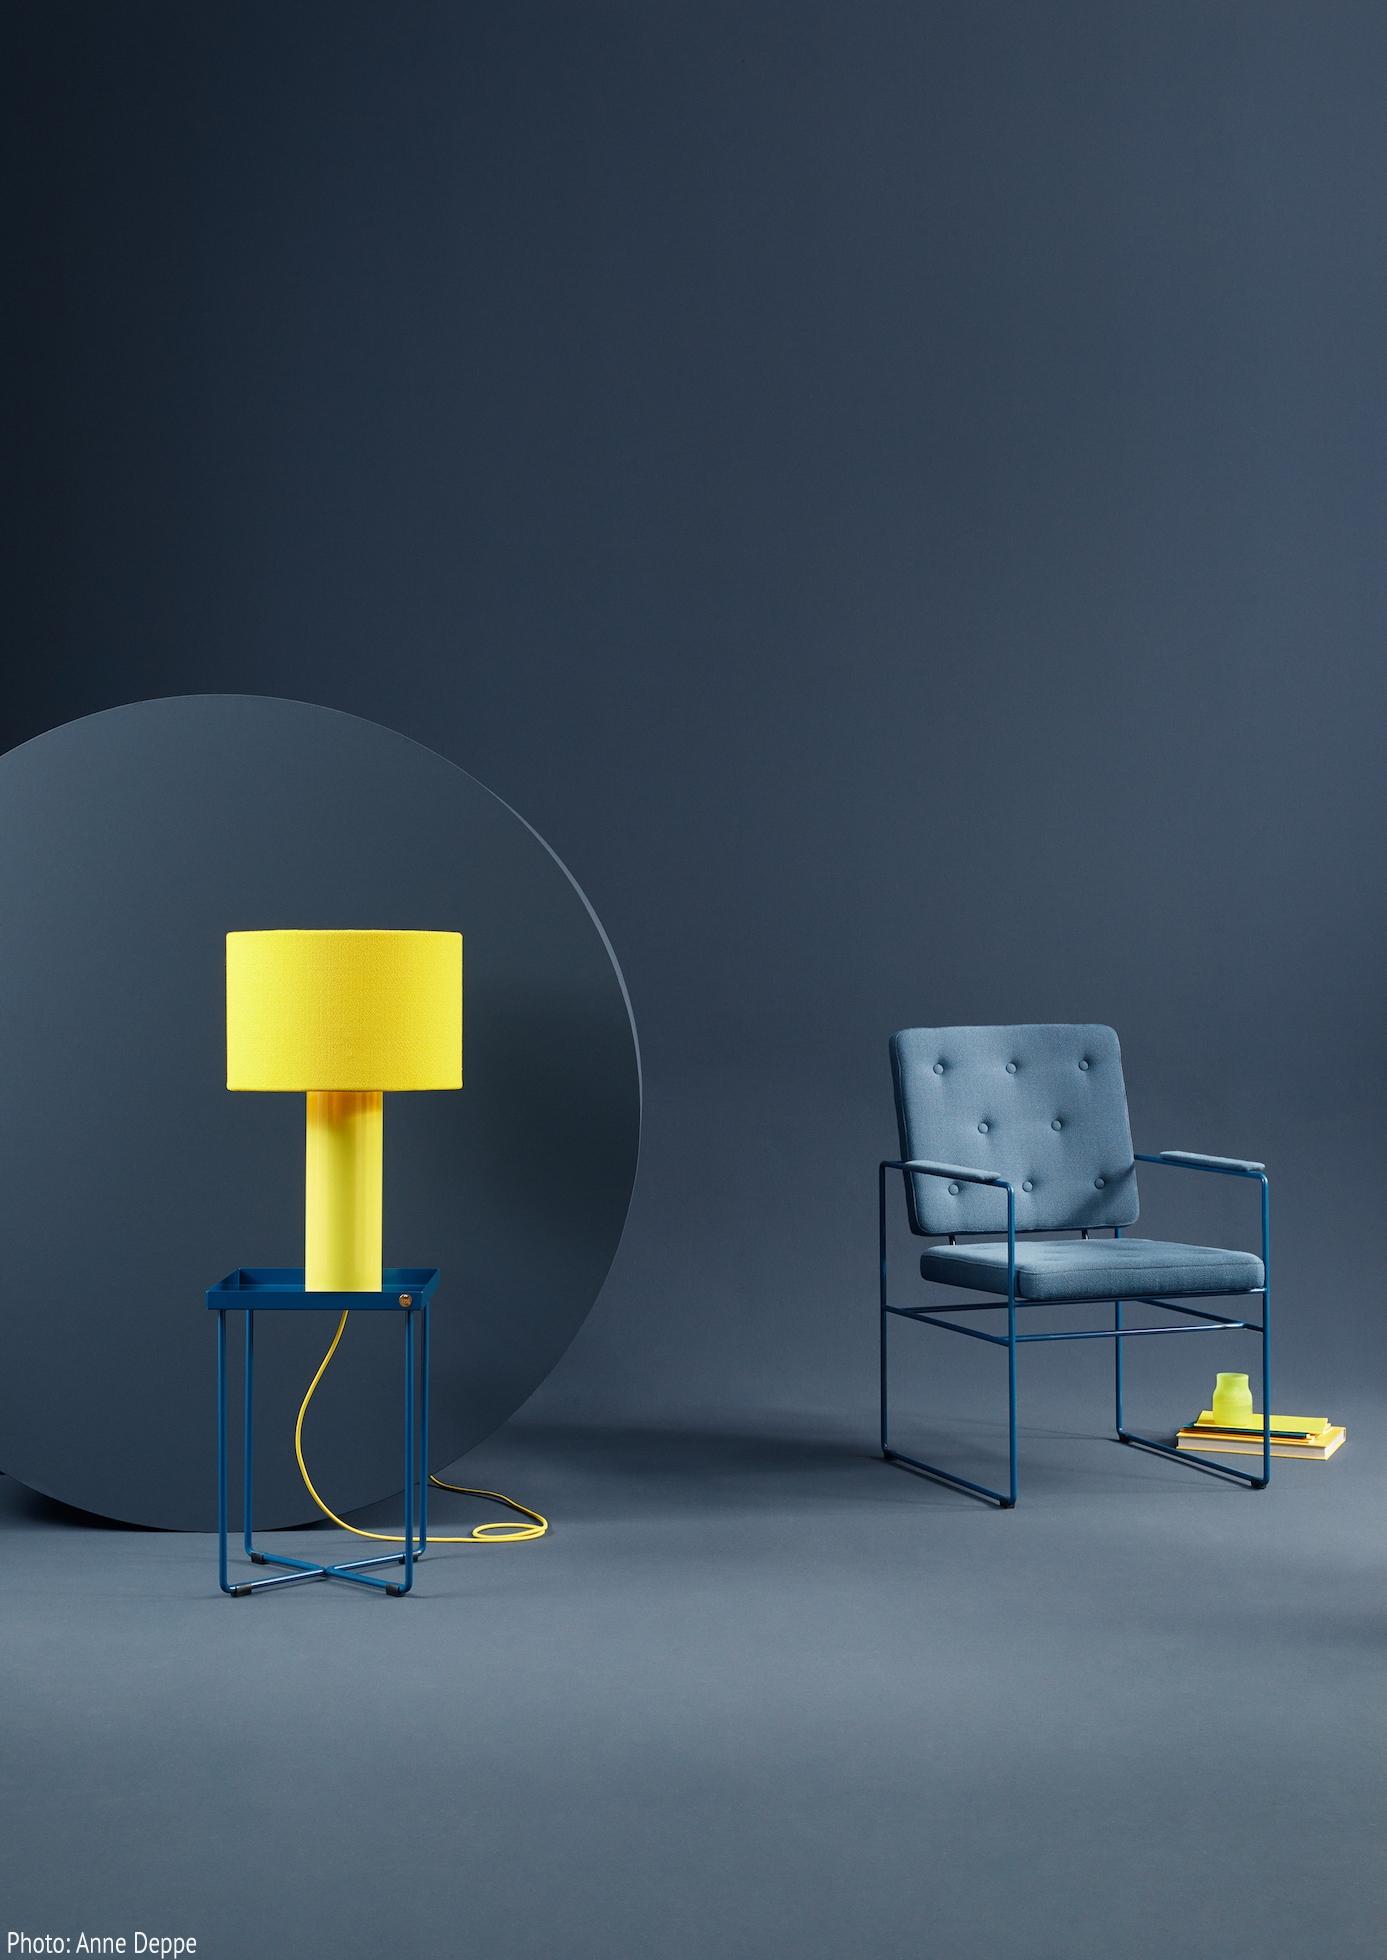 Schönes Ambiente Bild vom Hamburger Möbel Hersteller Victor Foxtrot